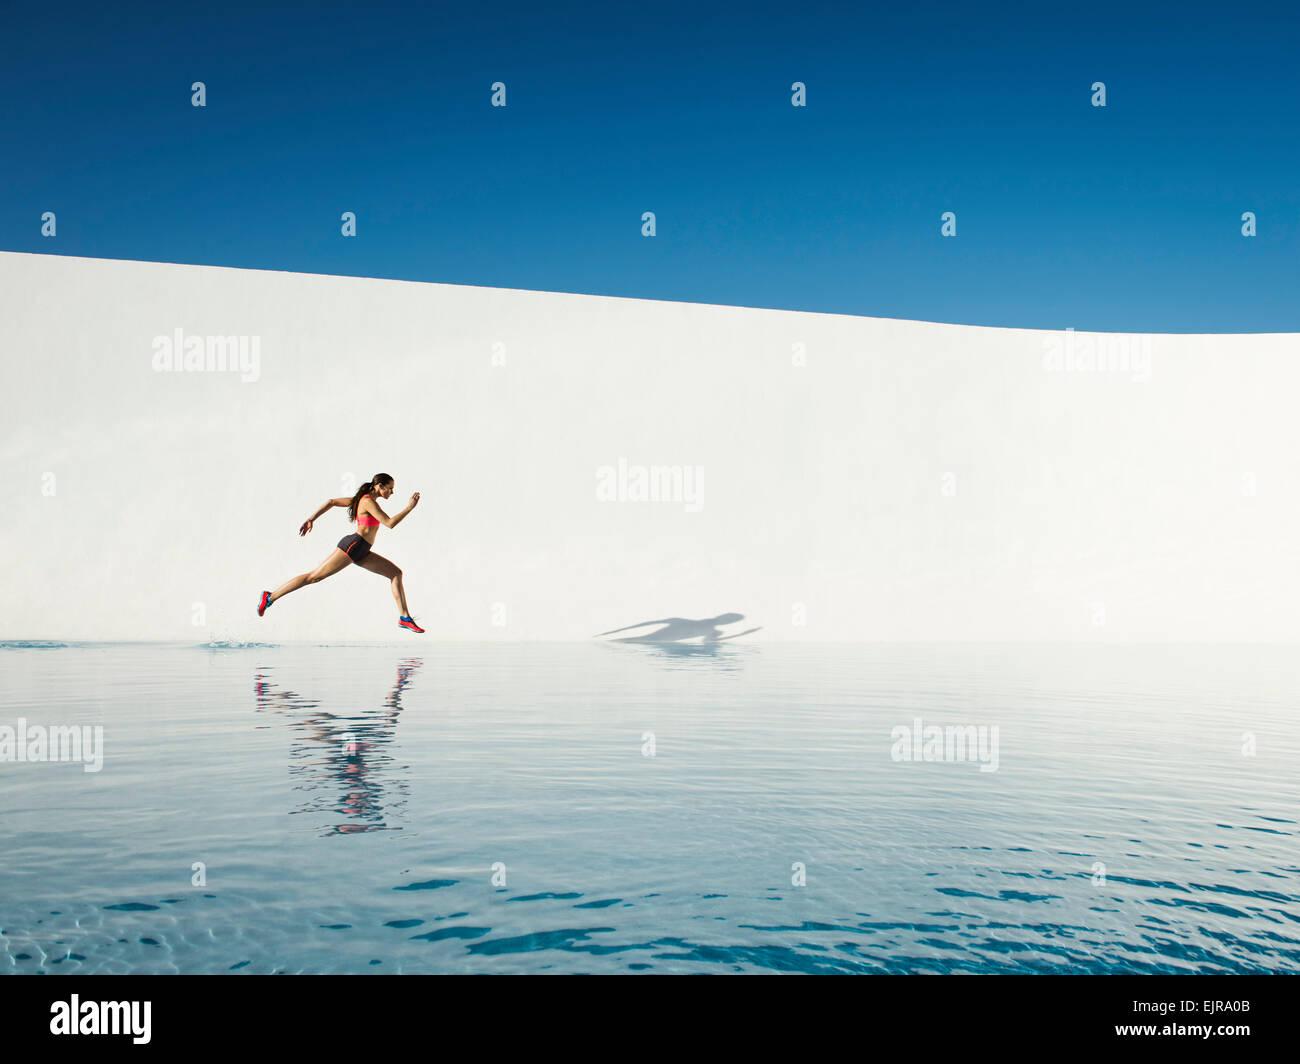 Kaukasische Frau läuft auf Wasseroberfläche Stockfoto